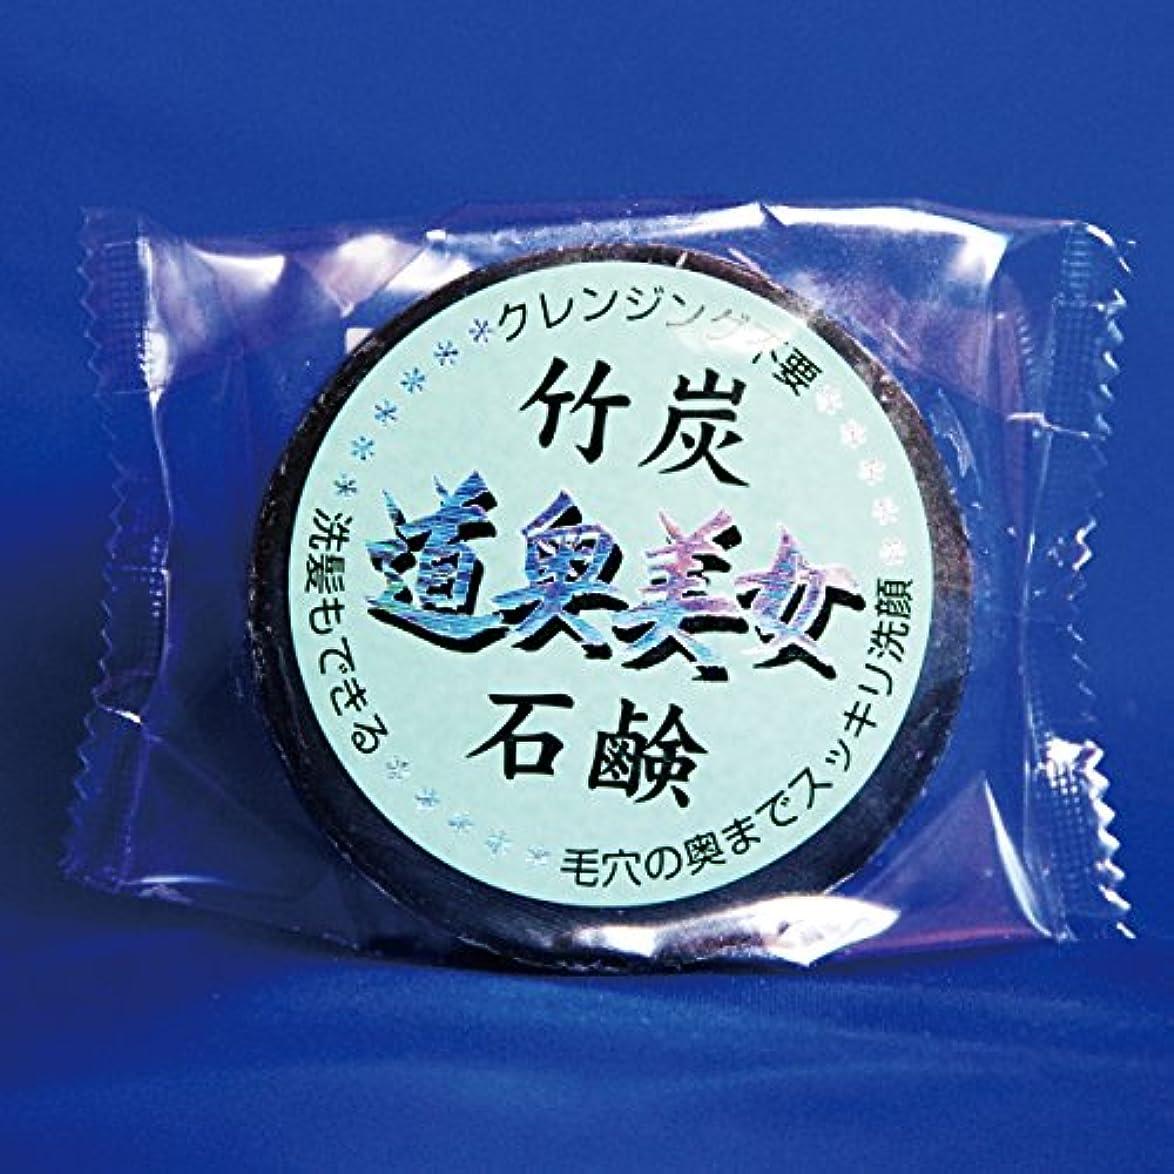 隔離するテーブル浴竹炭石鹸 100g クレンジング不要 (100g) 手作り透明石鹸 化粧石ケン